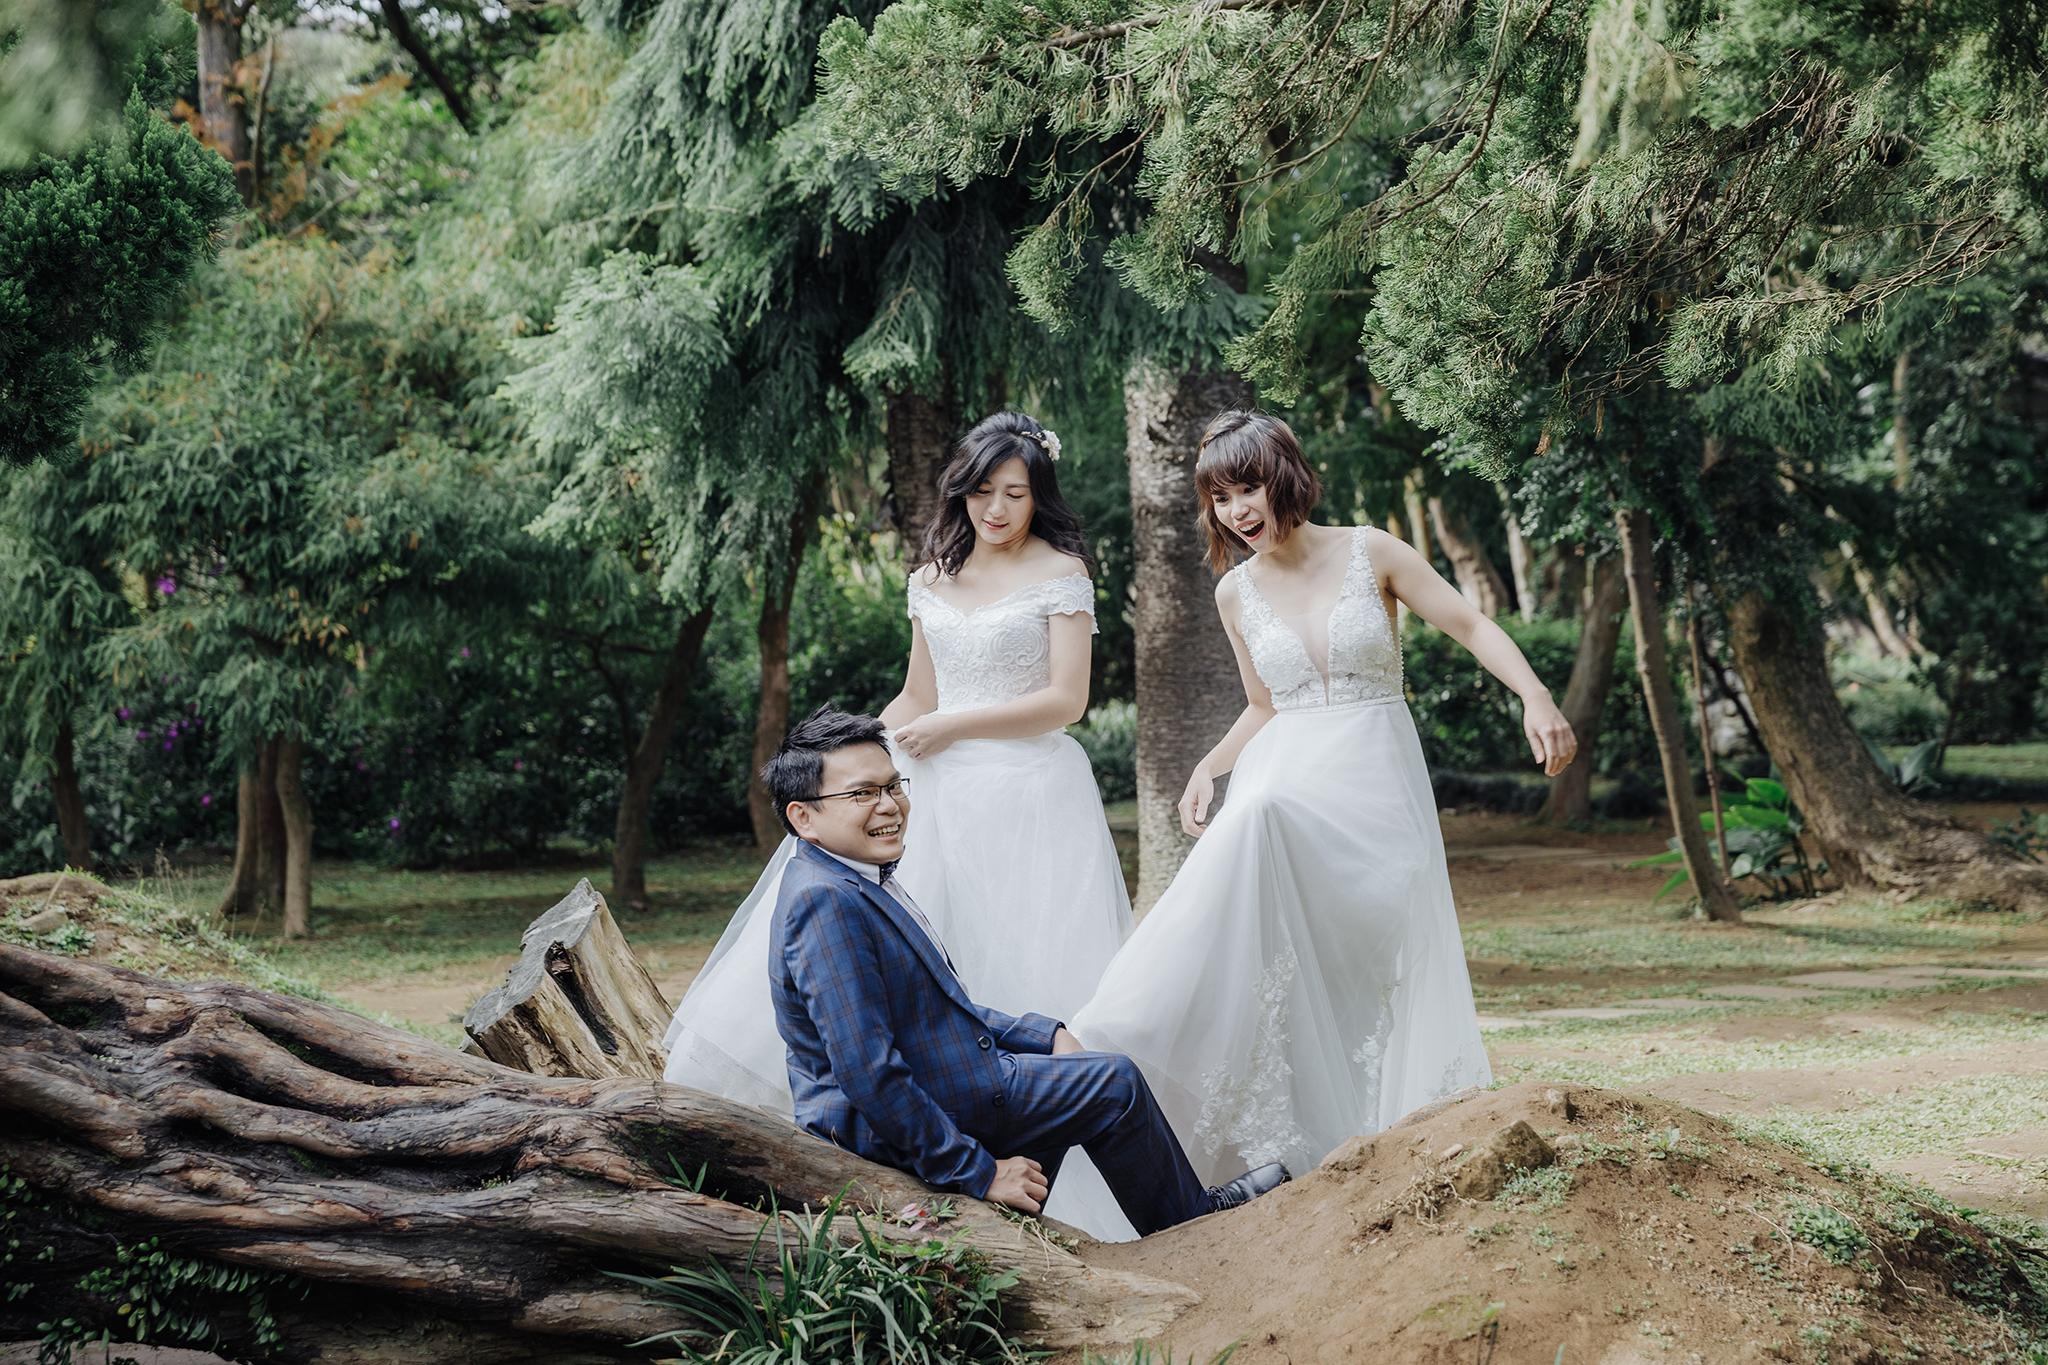 40901363343 5cb40fcd46 o - 【閨蜜婚紗】+育誠&娟羽&映煦+